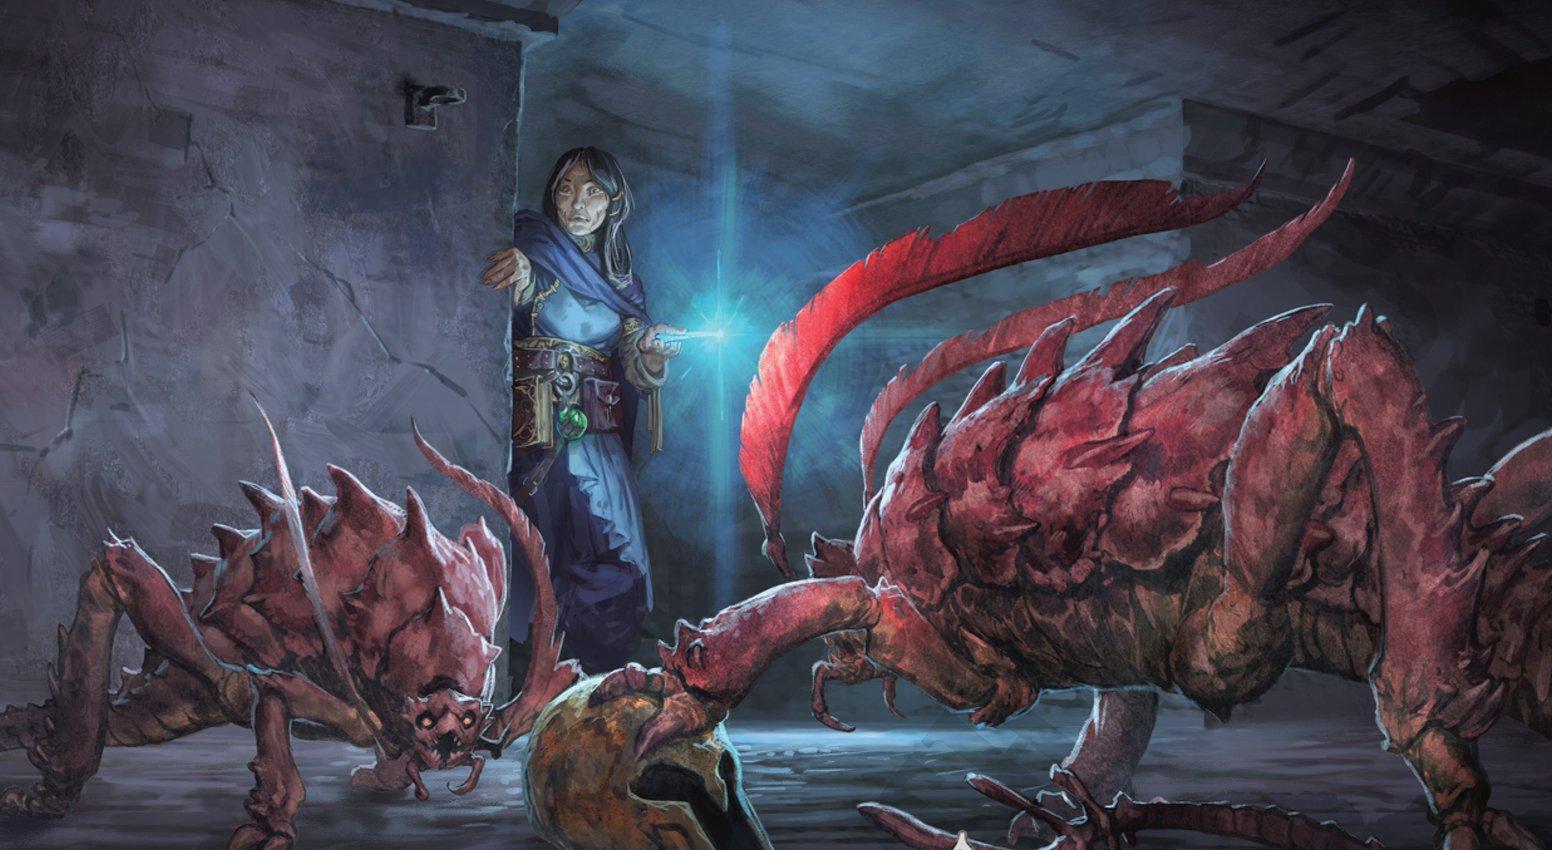 Dungeon-level-2-horz.jpg